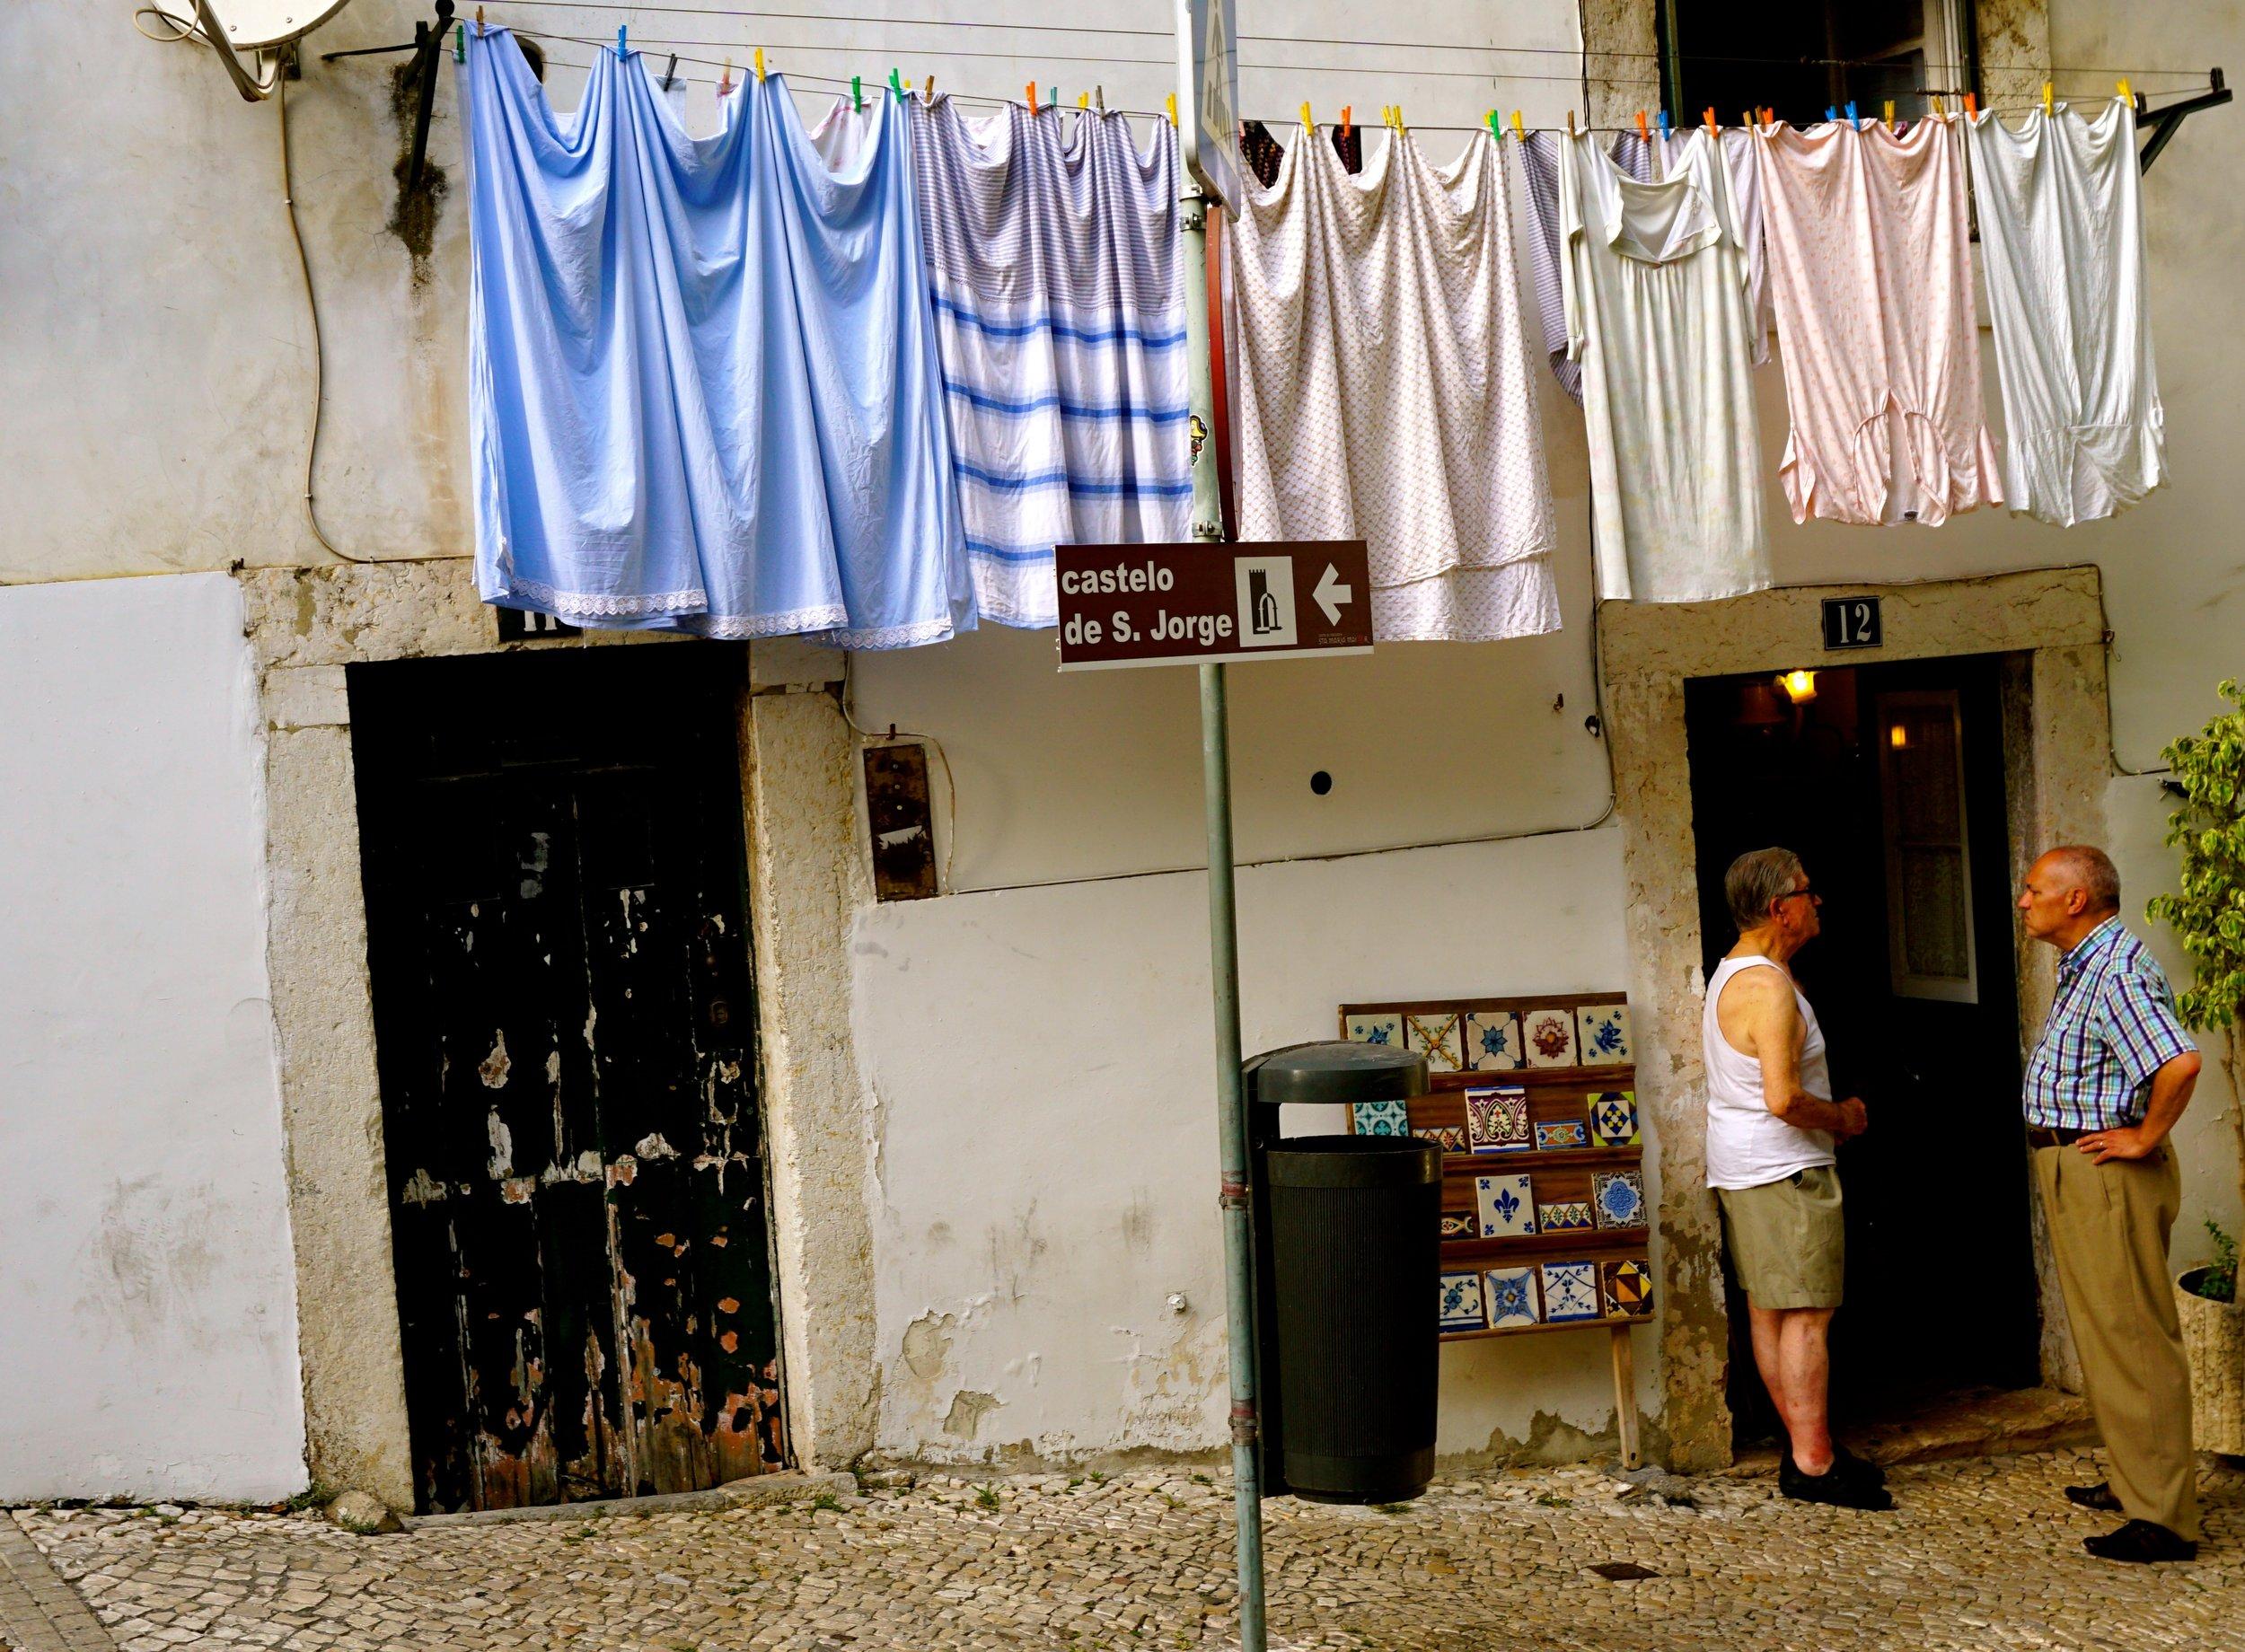 Der Stadtteil Alfama - viele kleine Straßen, viel echtes Leben.